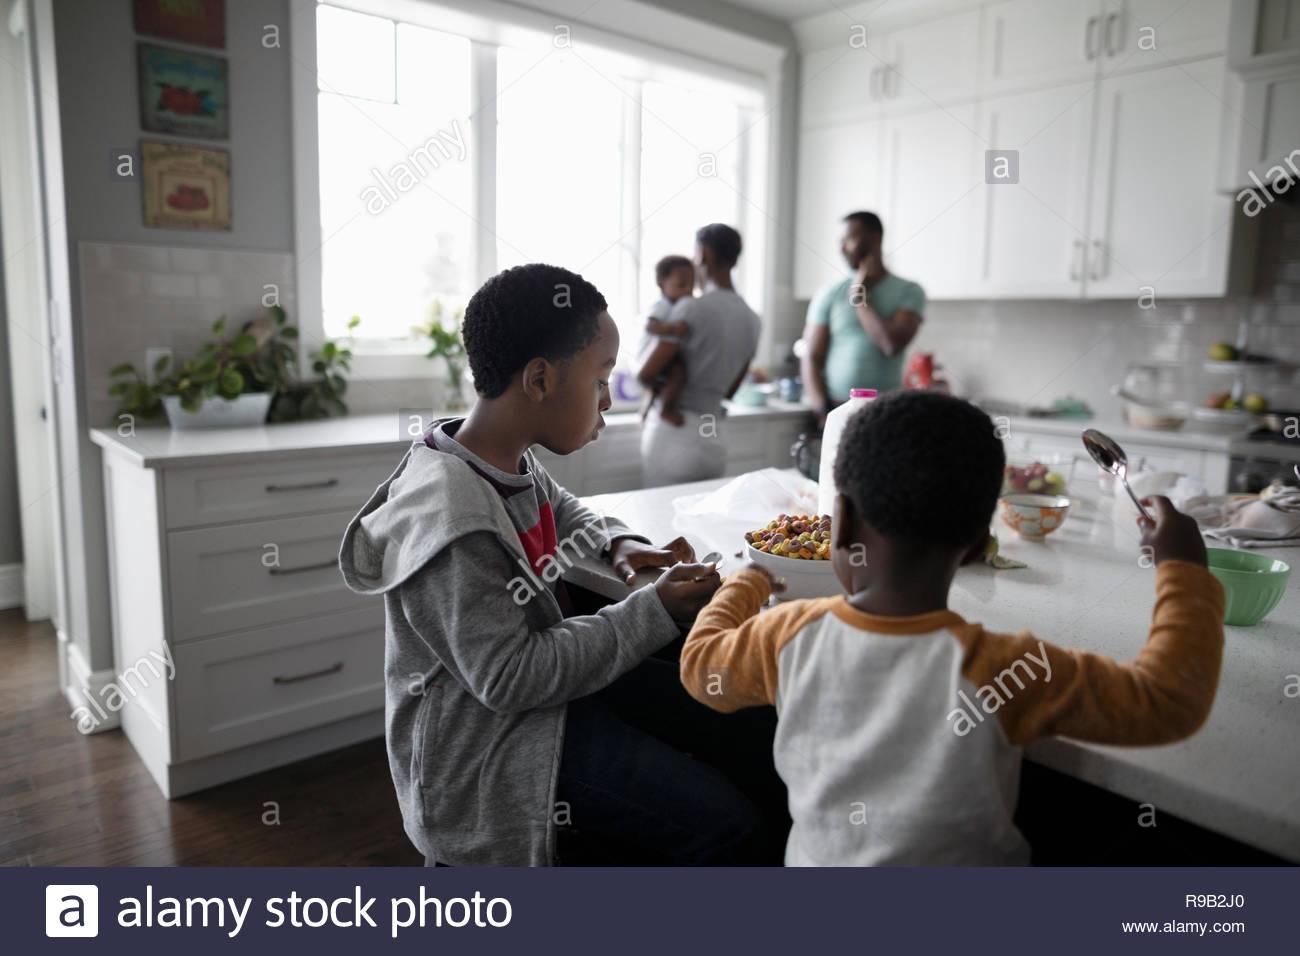 Frères manger des céréales à l'île de cuisine Photo Stock